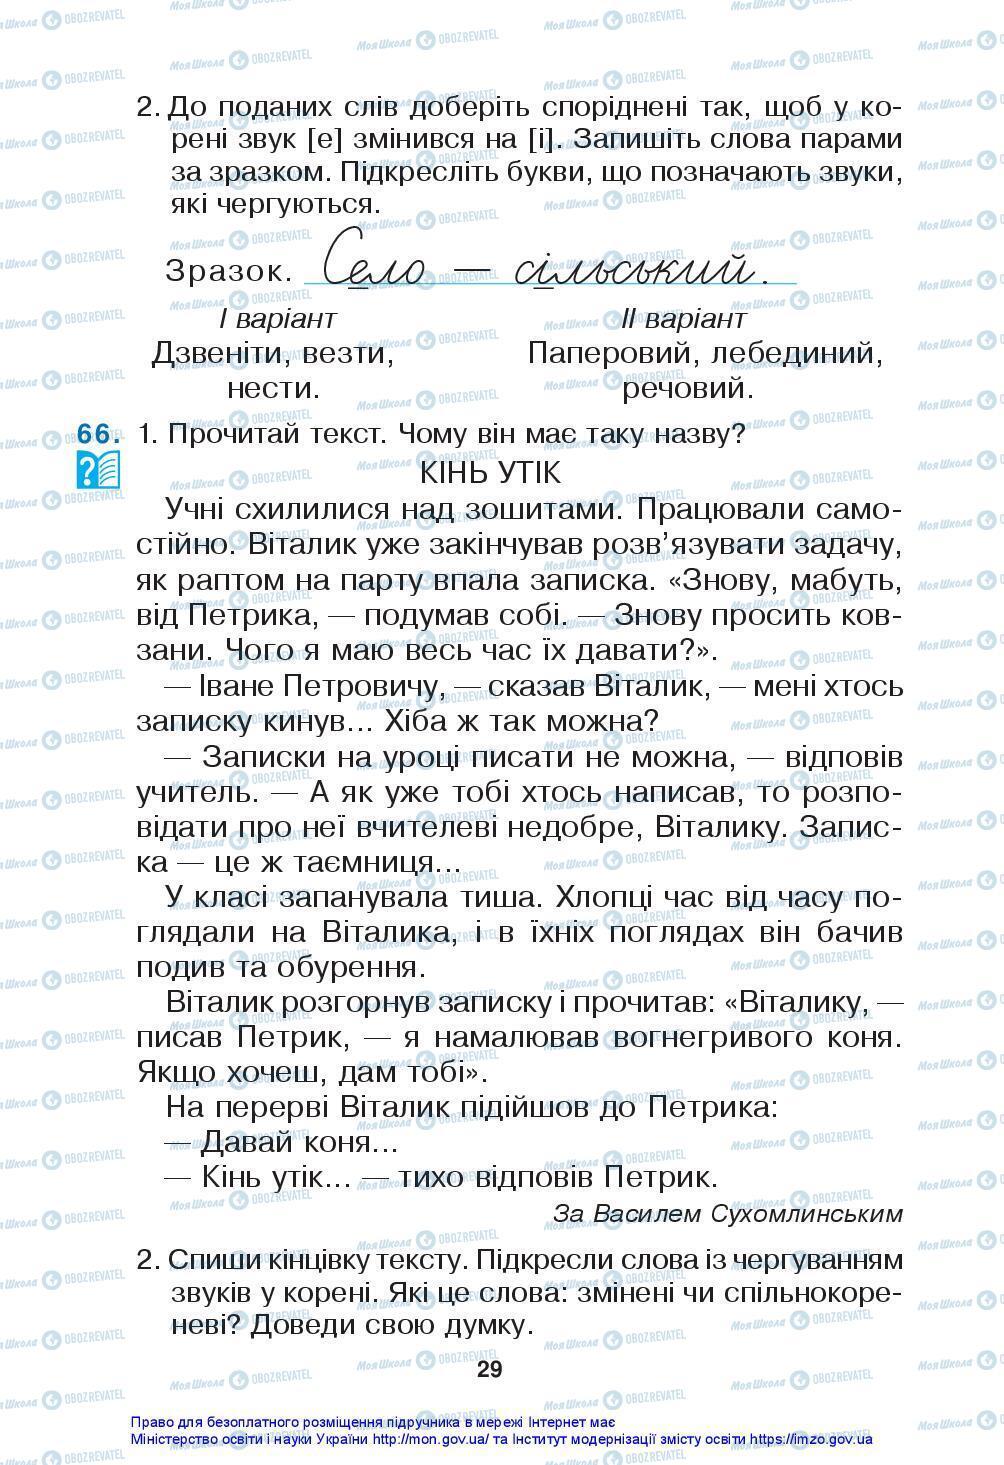 Підручники Українська мова 3 клас сторінка 29